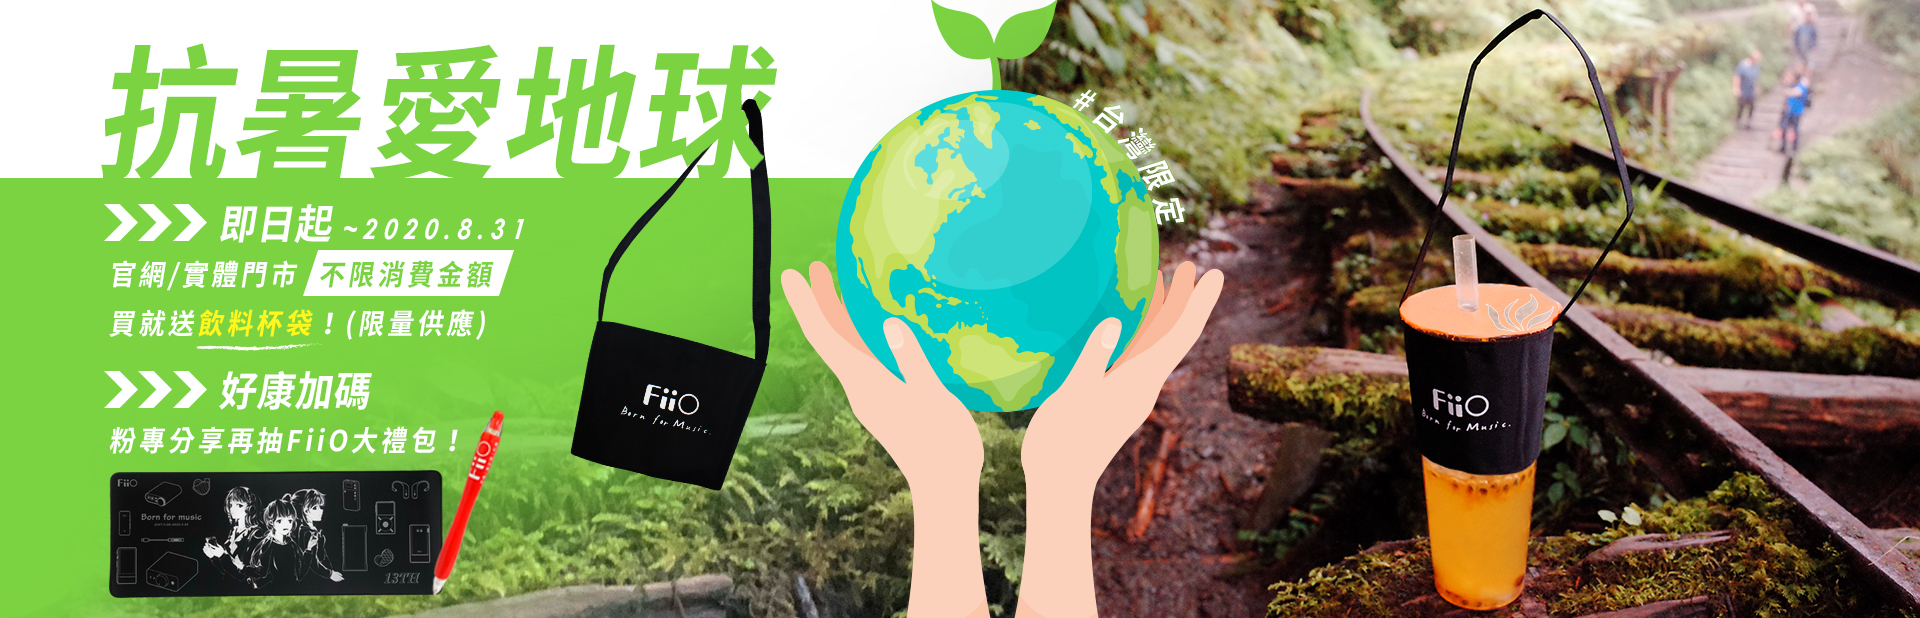 抗暑愛地球 消費就送FiiO飲料提袋